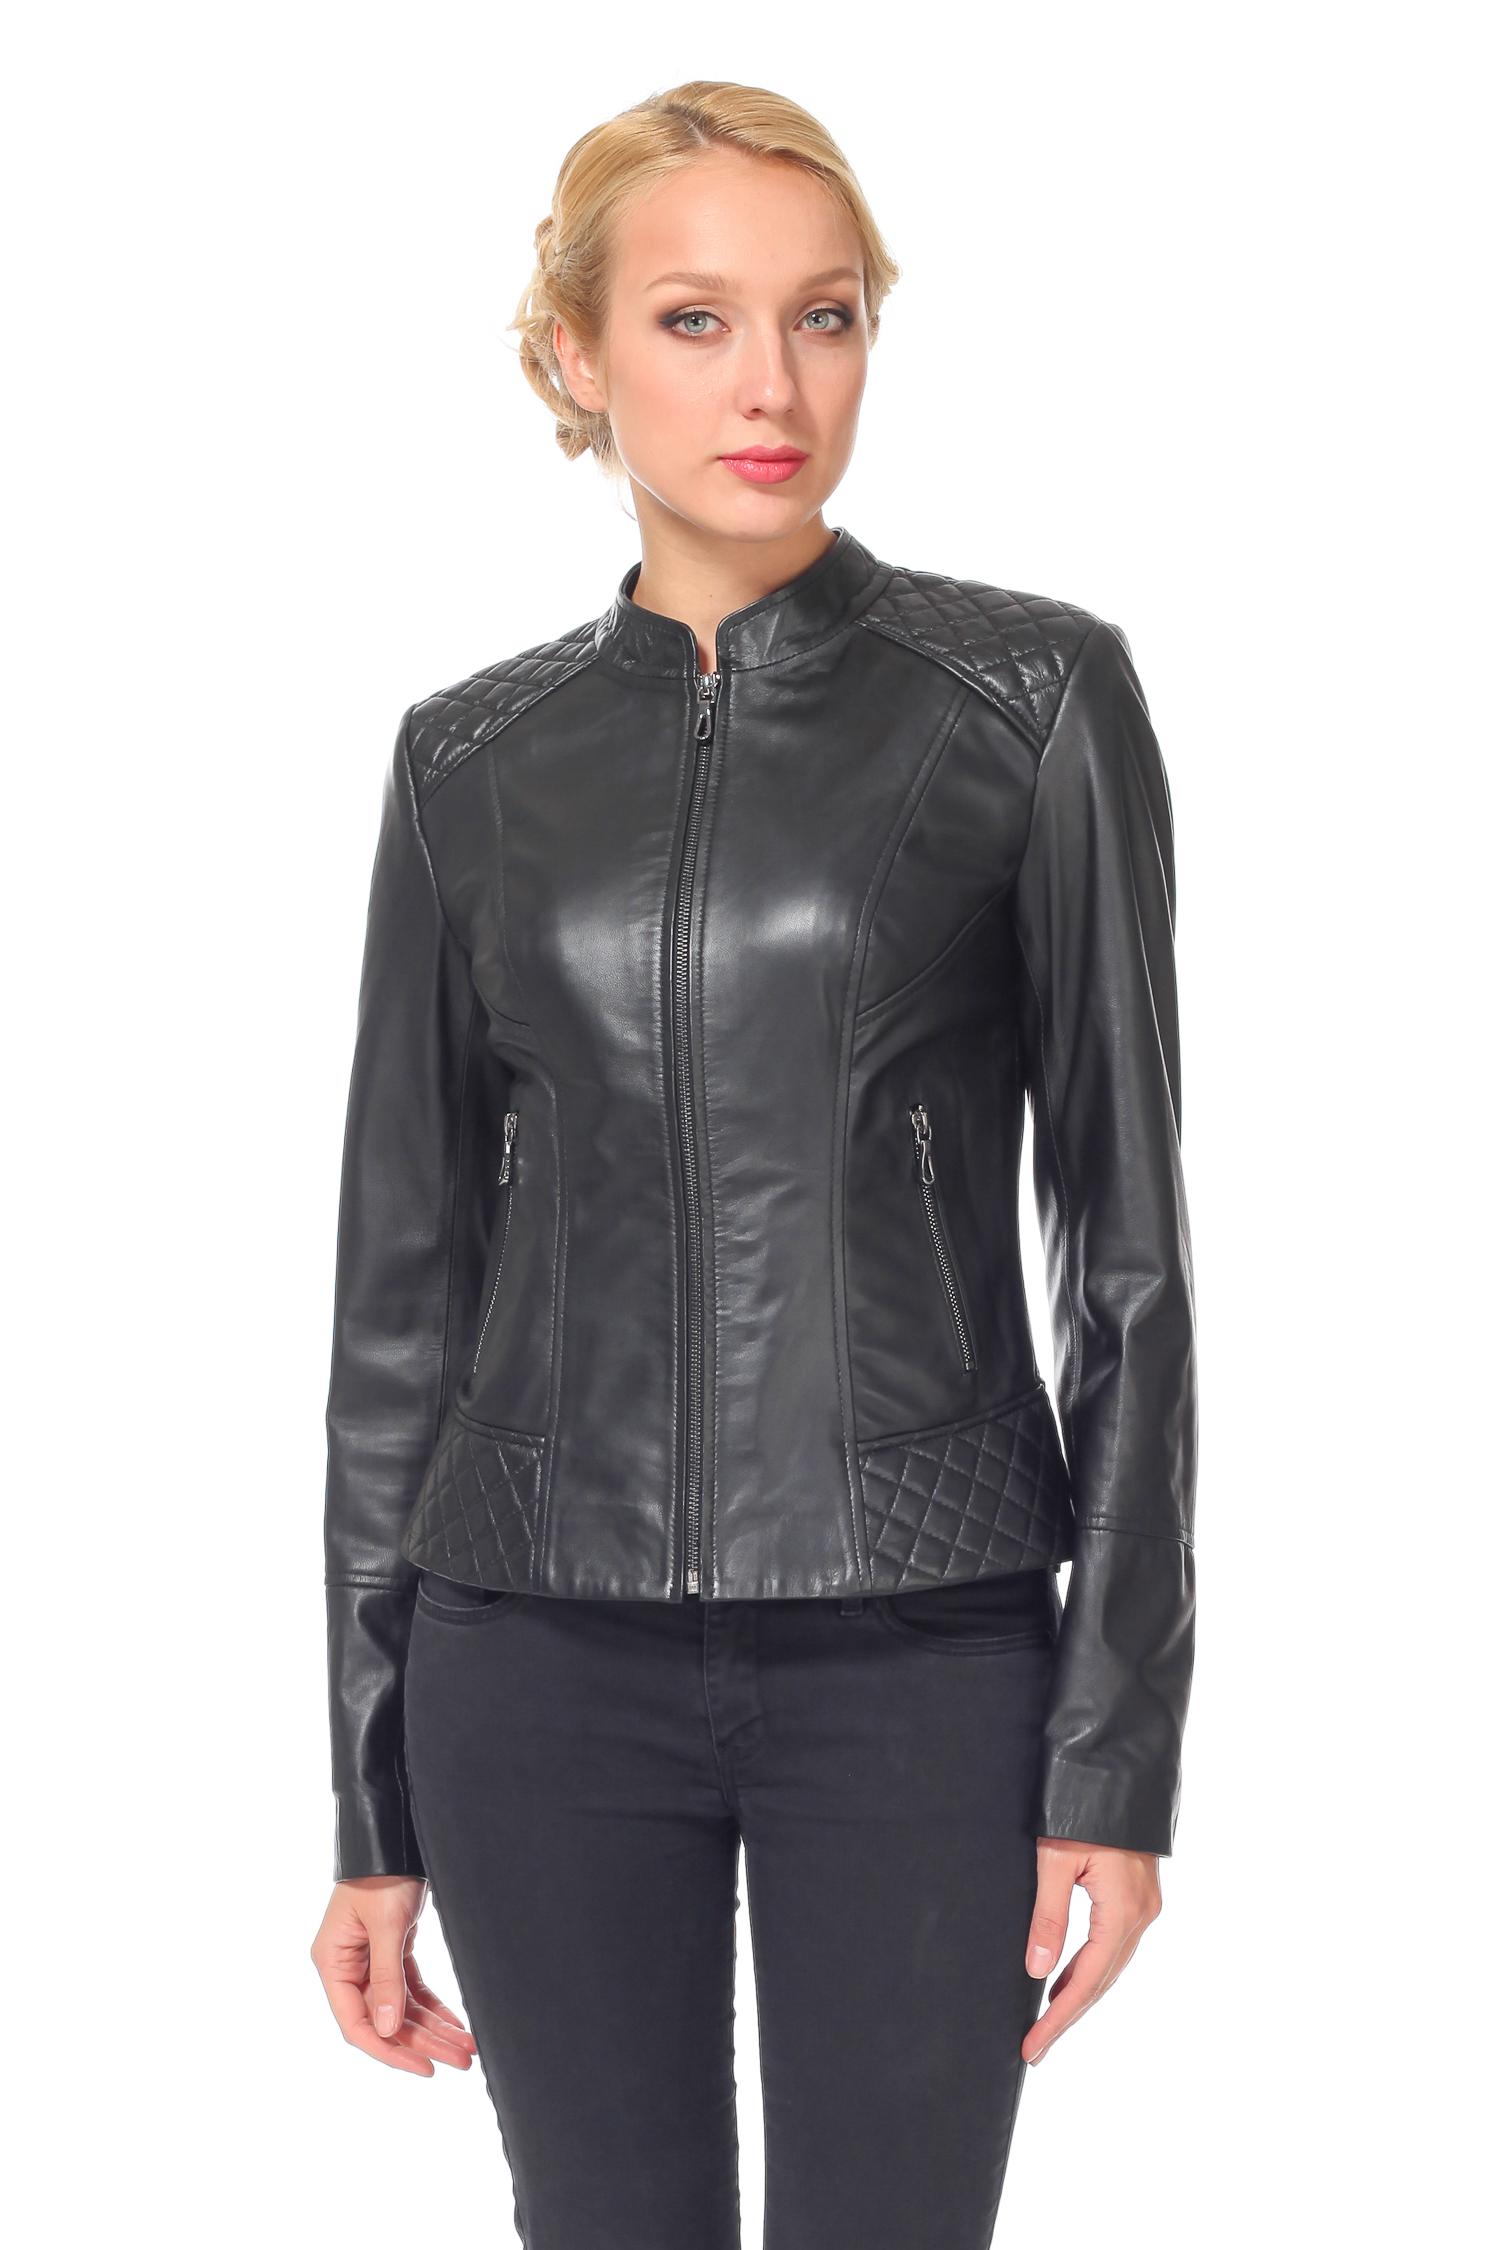 Женская кожаная куртка из натуральной кожи с воротником, без отделкиЦвет - оникс.<br><br>Модель изготовлена из высококачественной кожи.<br><br>Благодаря фасону и цветовой гамме, эта кожаная куртка станет базовой вещью в гардеробе. Модель станет идеальным дополнением стиля casual, куртку легко комбинировать с джинсами или платьем. У модели отсутствуют яркие декоративные детали. Но стиль этой куртке задают качество кожи и фурнитуры, фасон и цвет. Для вашего удобства застежка и прорезные карманы выполнены на молнию. Эта кожаная куртка - безупречная классика в верхней одежде, которая никогда не выйдет из моды!<br><br>Воротник: Стойка<br>Длина см: 55<br>Материал: Кожа<br>Цвет: Черный<br>Пол: Женский<br>Размер RU: 44